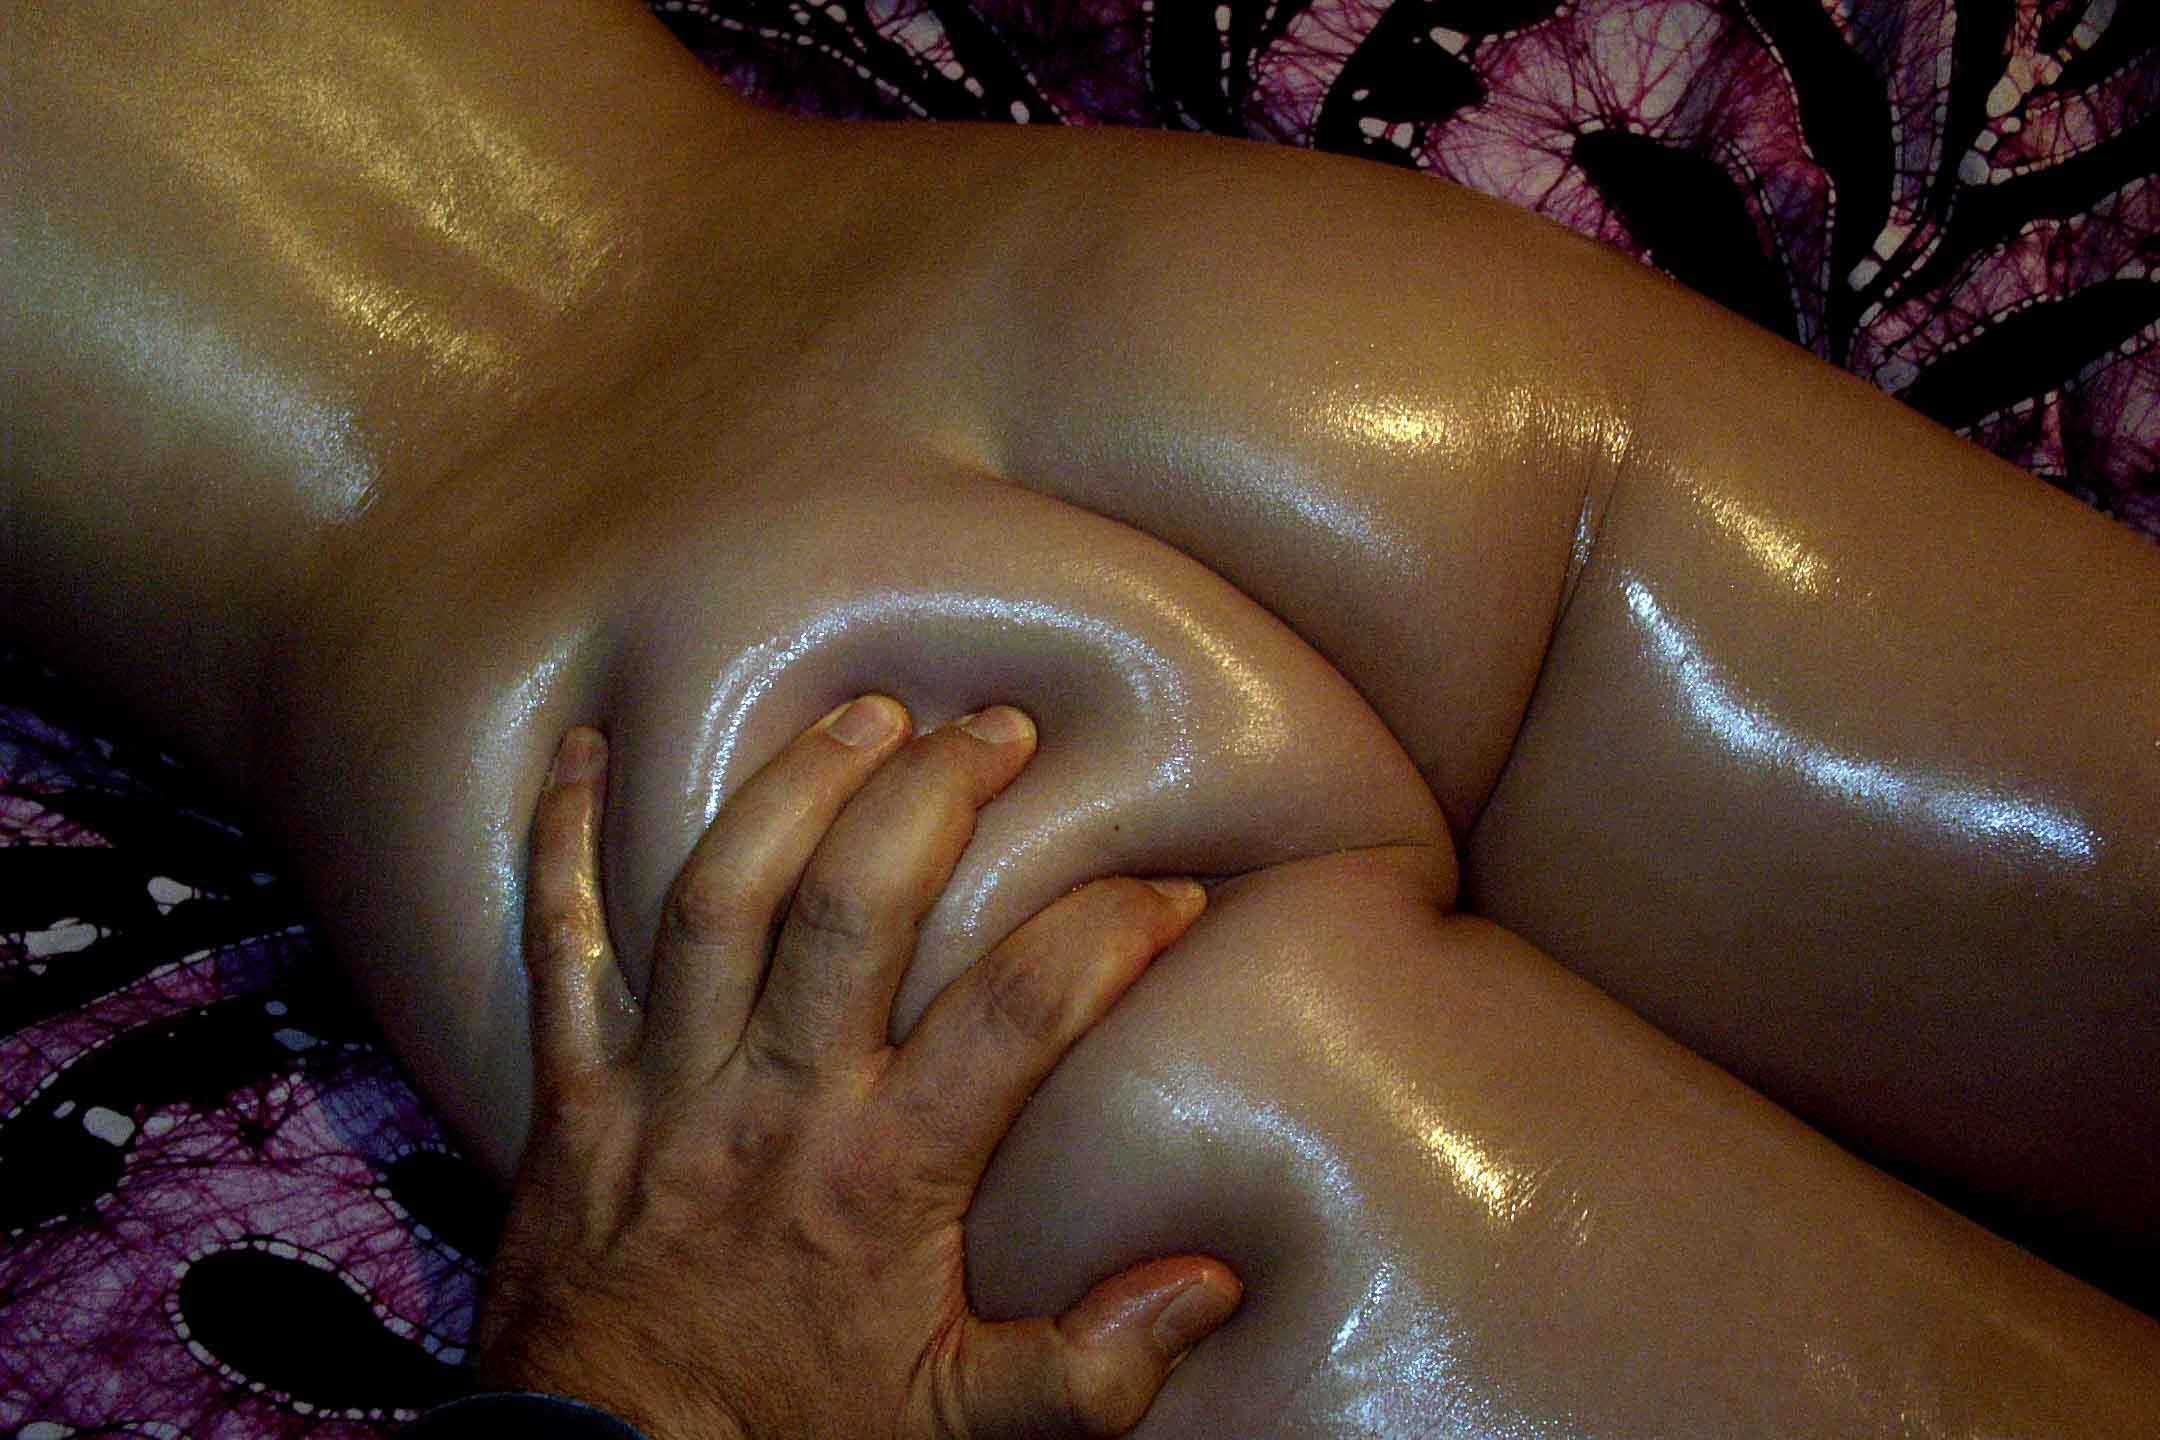 escorts oily nuru homoseksuell massage